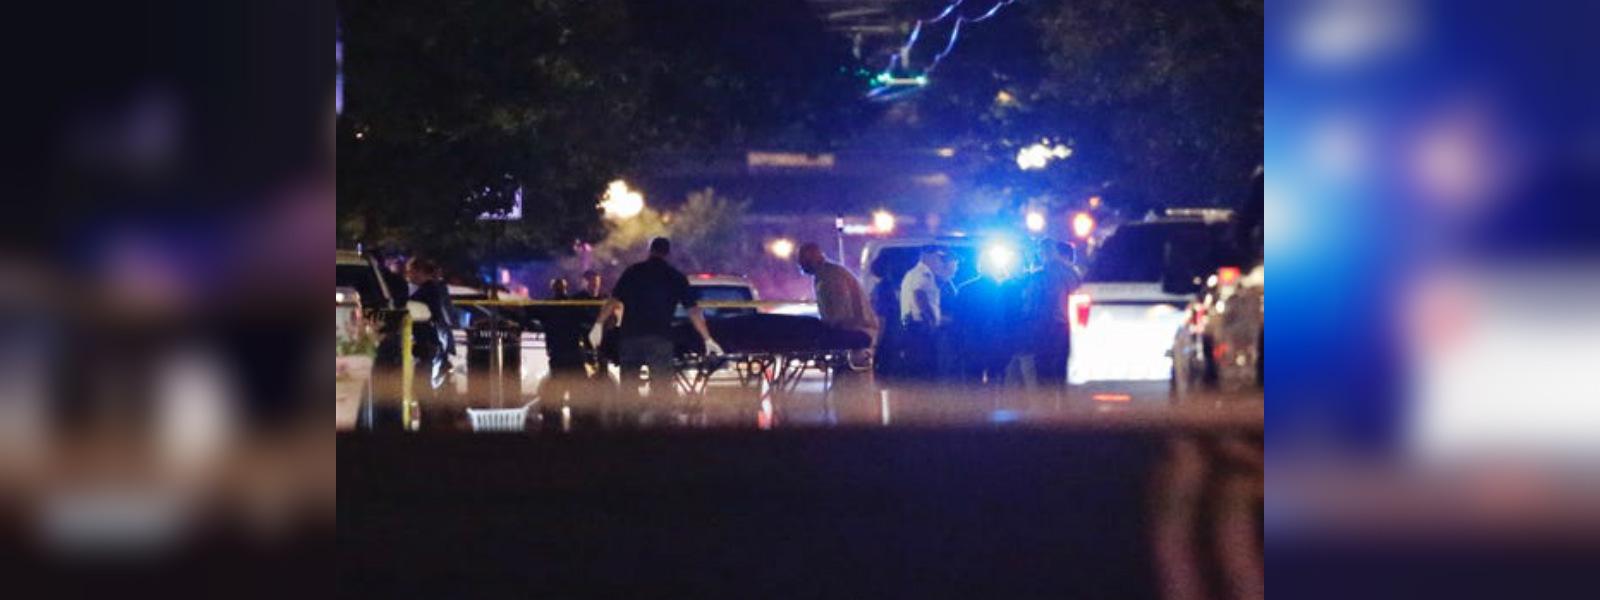 Dayton shooting: Nine killed, shooter among the dead